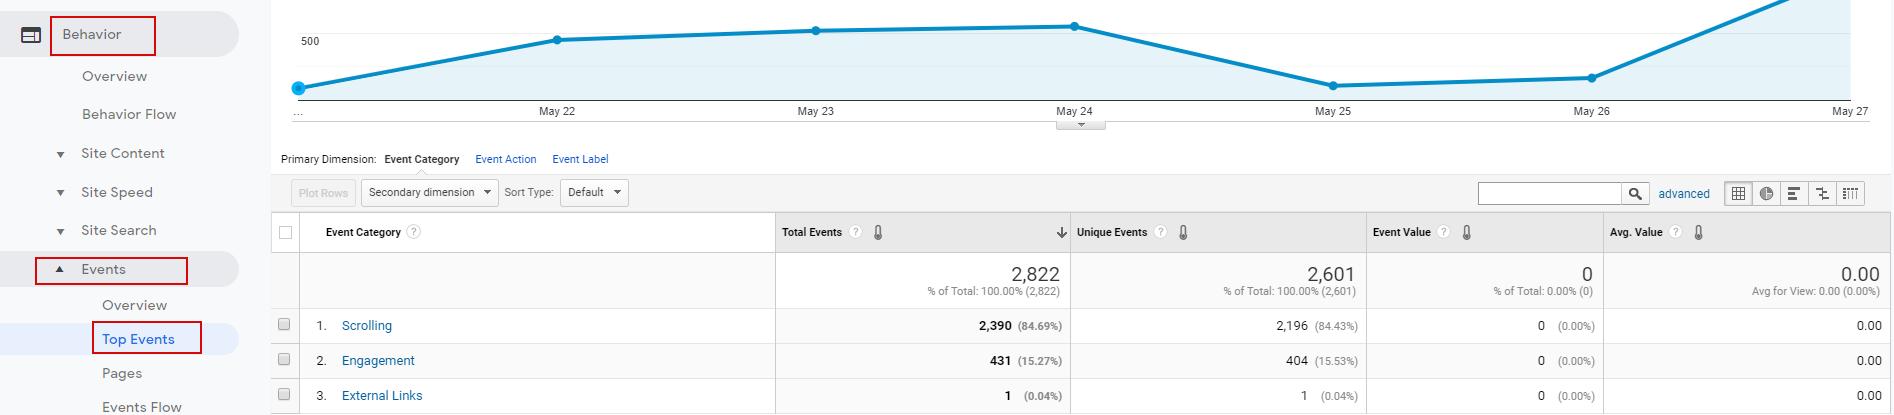 Информация по событиям в основных отчетах Google Analytics